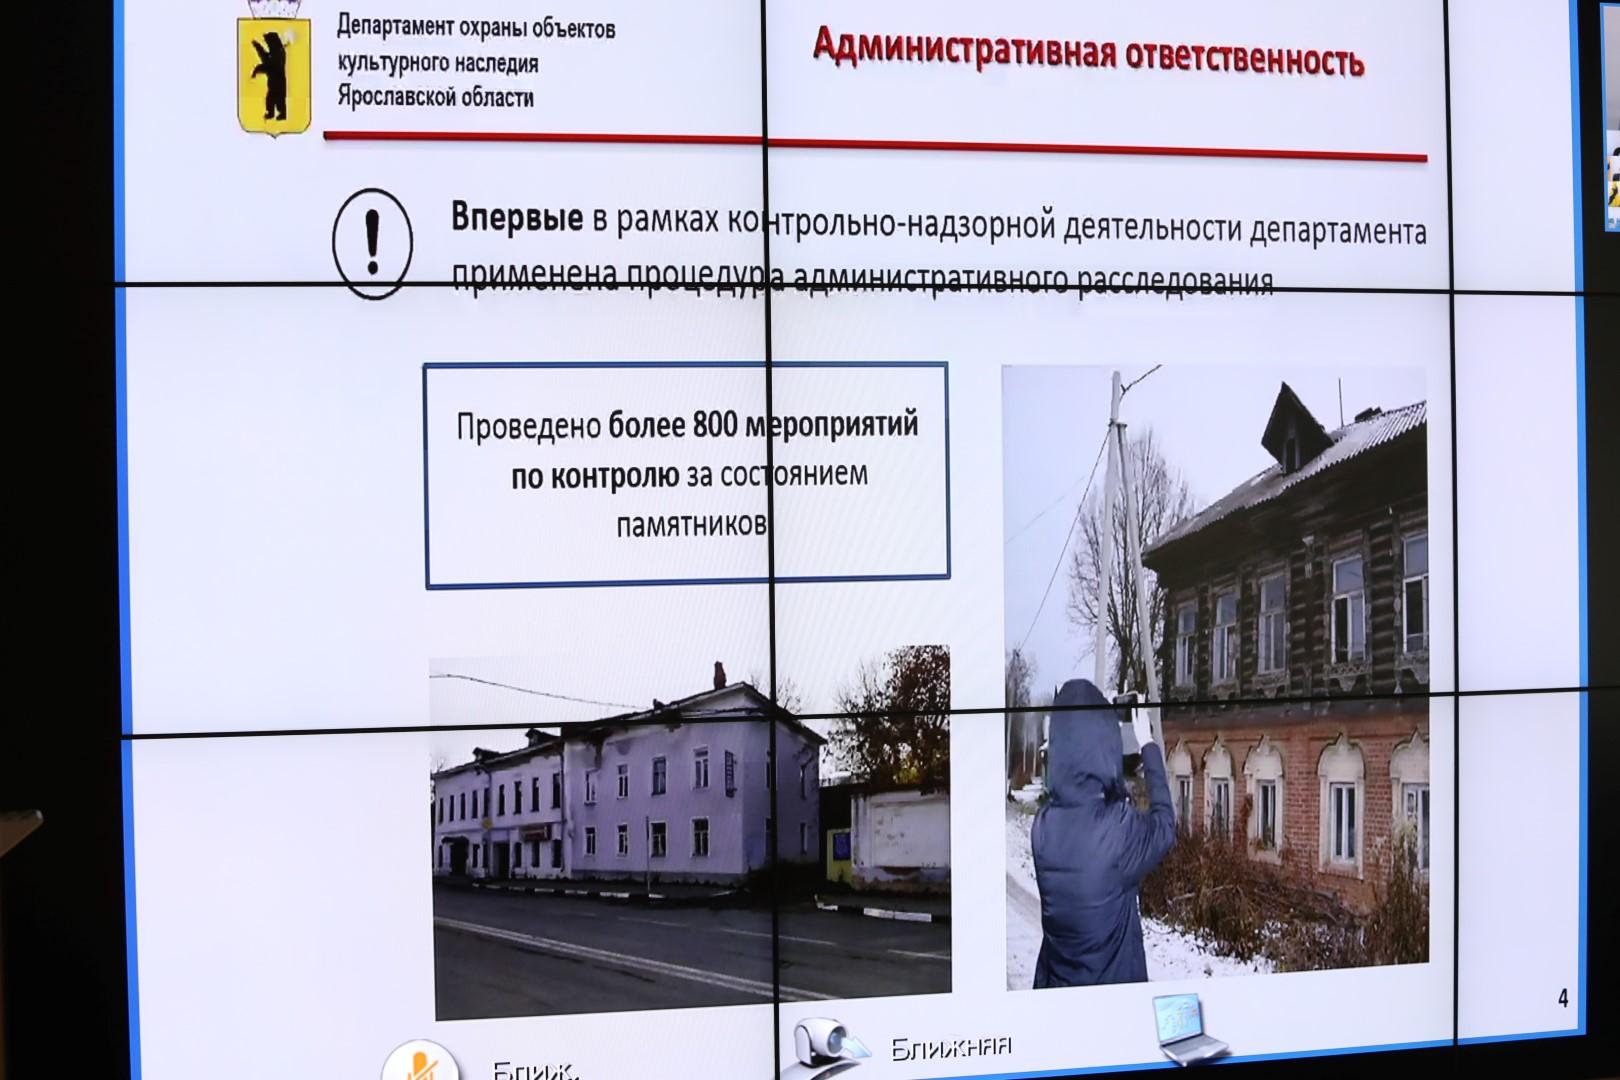 Суд обязал собственников трех объектов в Ростове и Ярославле провести работы по сохранению зданий